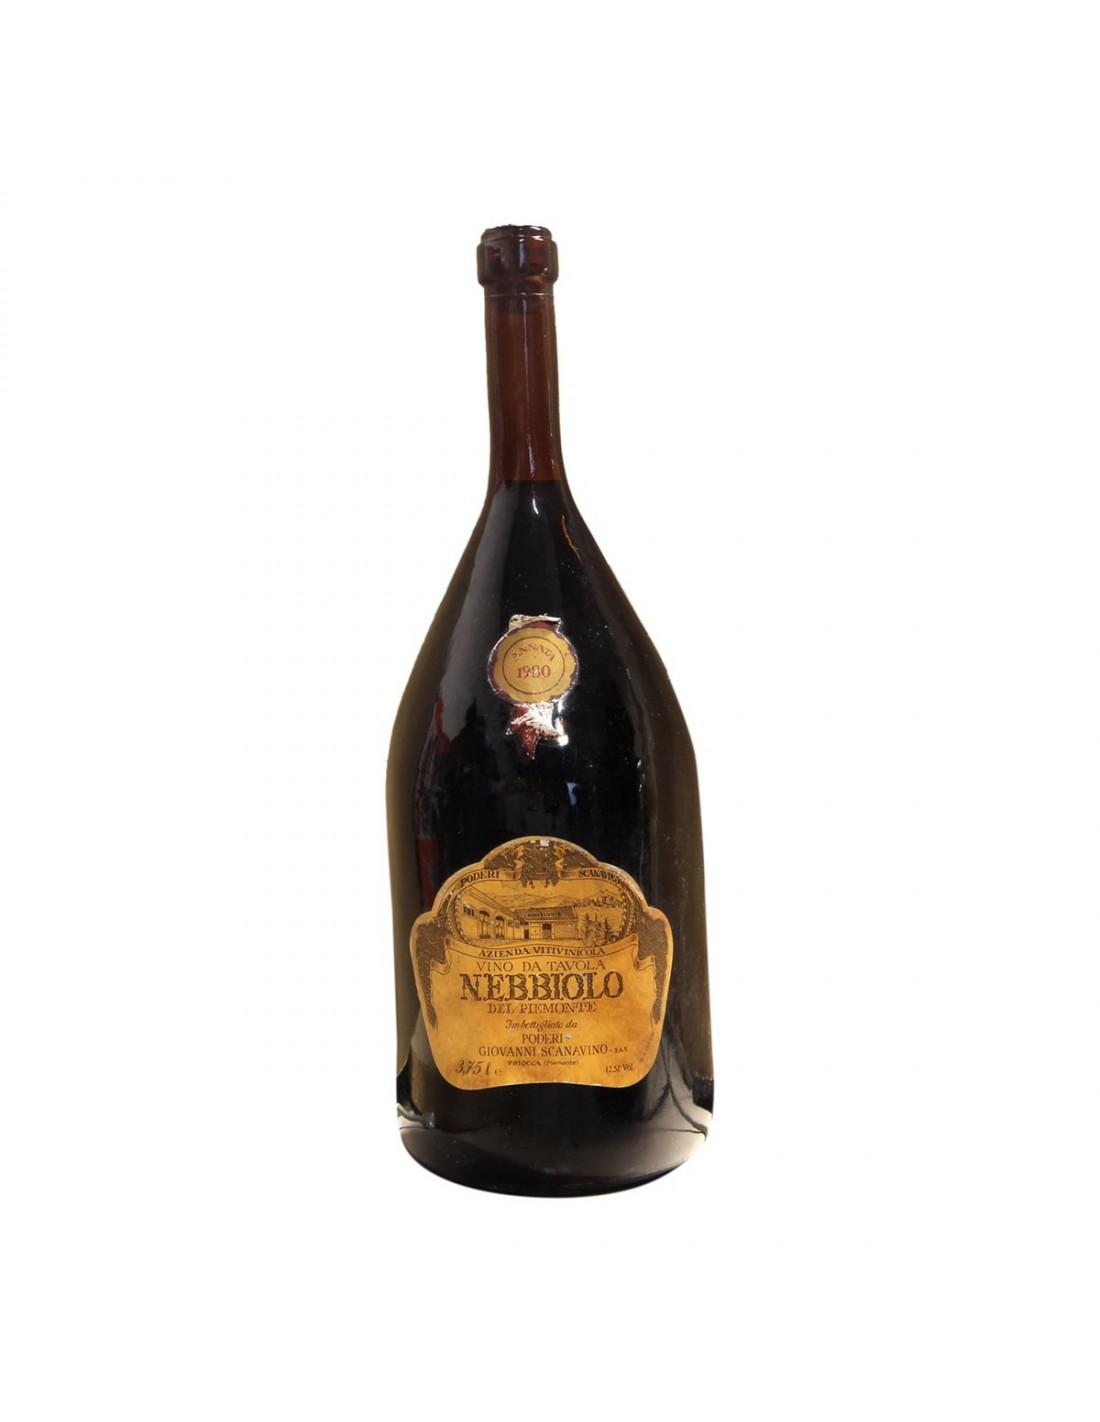 NEBBIOLO DEL PIEMONTE 3,75L 1980 SCANAVINO Grandi Bottiglie